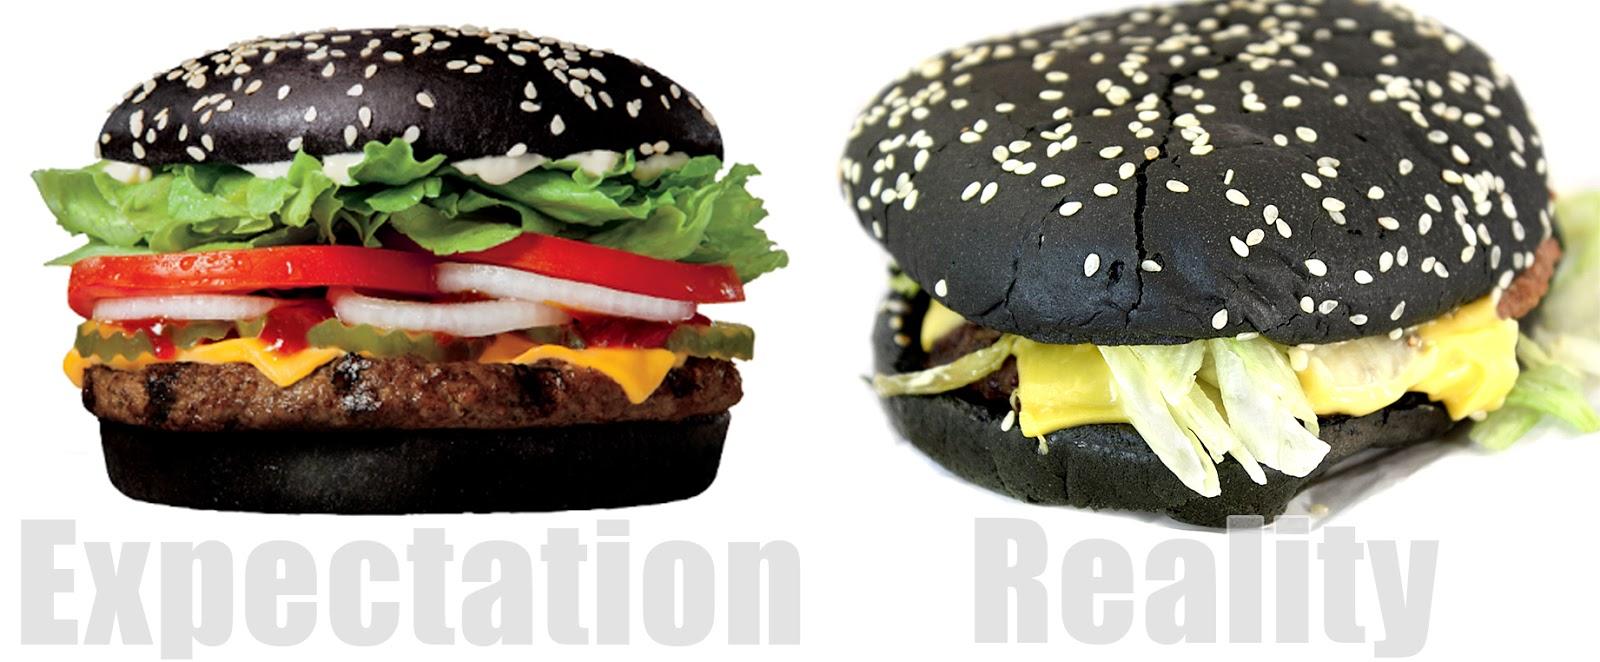 Sometimes Foodie: HA1LOWEEN Burger (Halloween A-1 Burger) - Burger ...